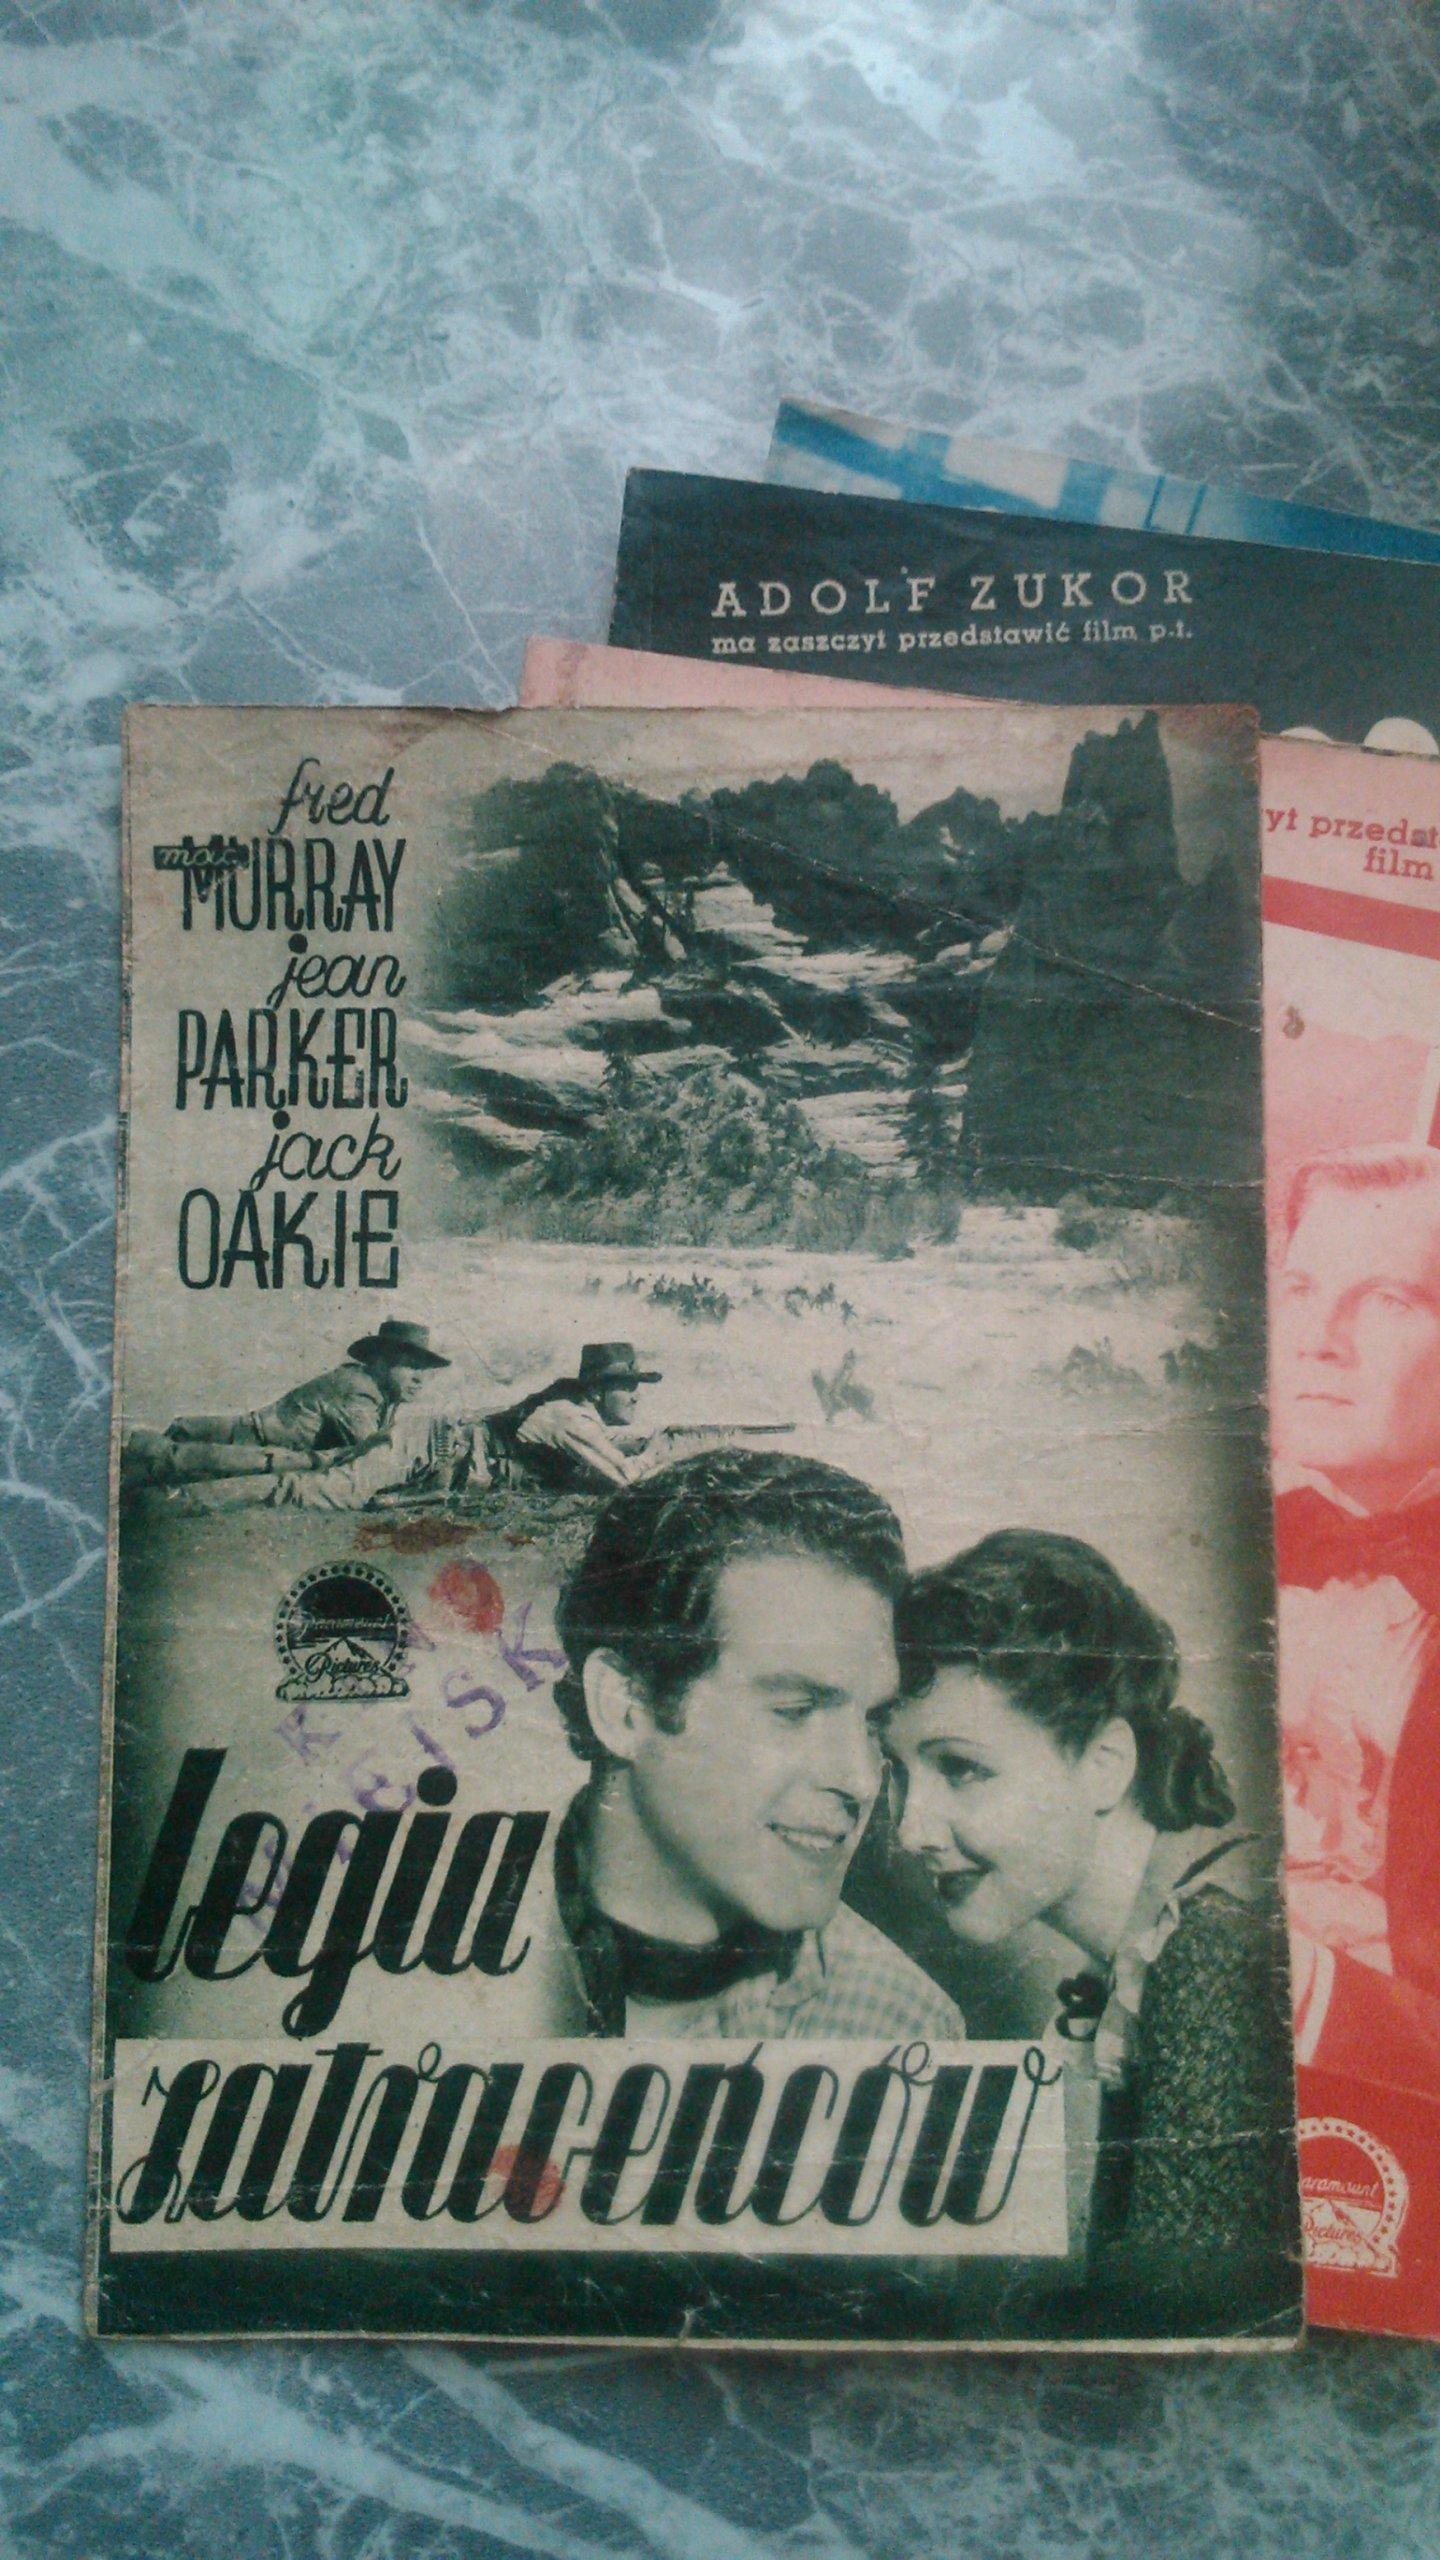 Ulotki Filmowe Ulotka Filmowa Stere Plakaty W Xx